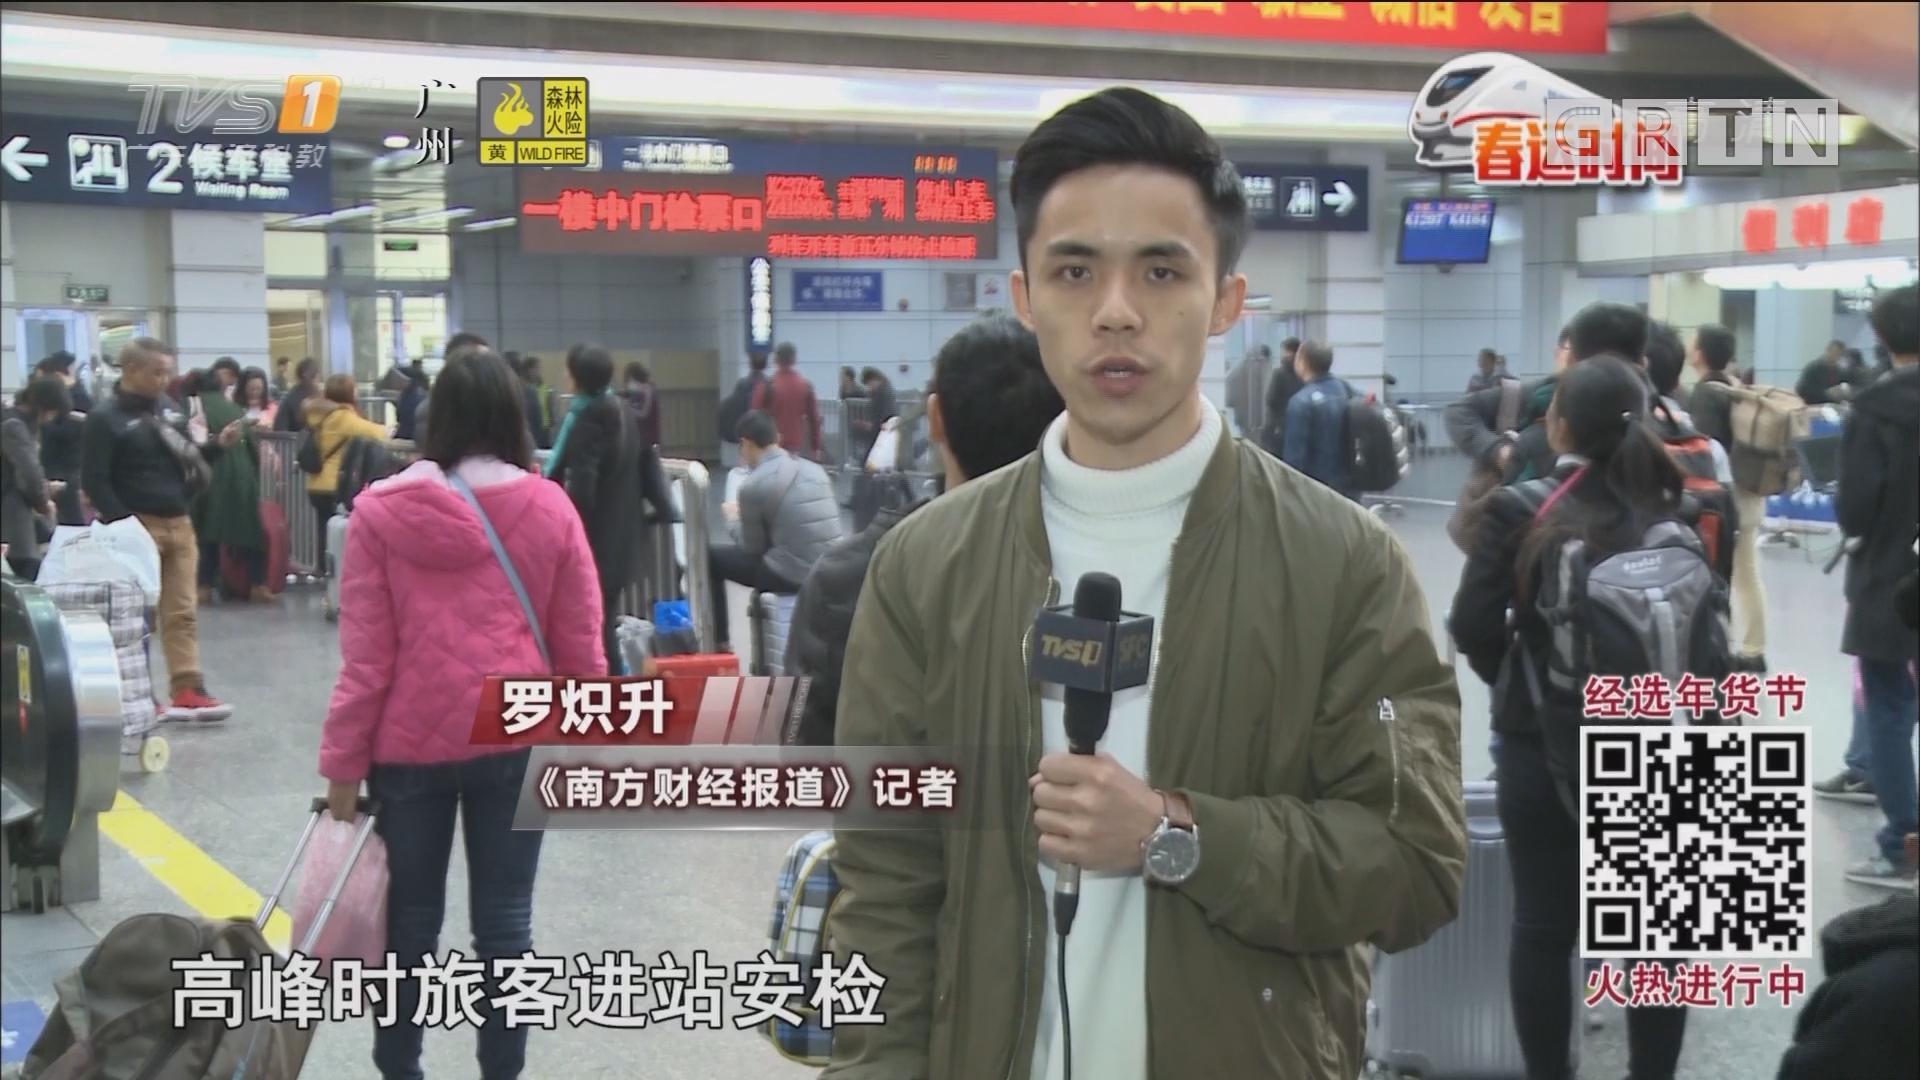 广铁昨日发送172万人次 客流最高峰来临